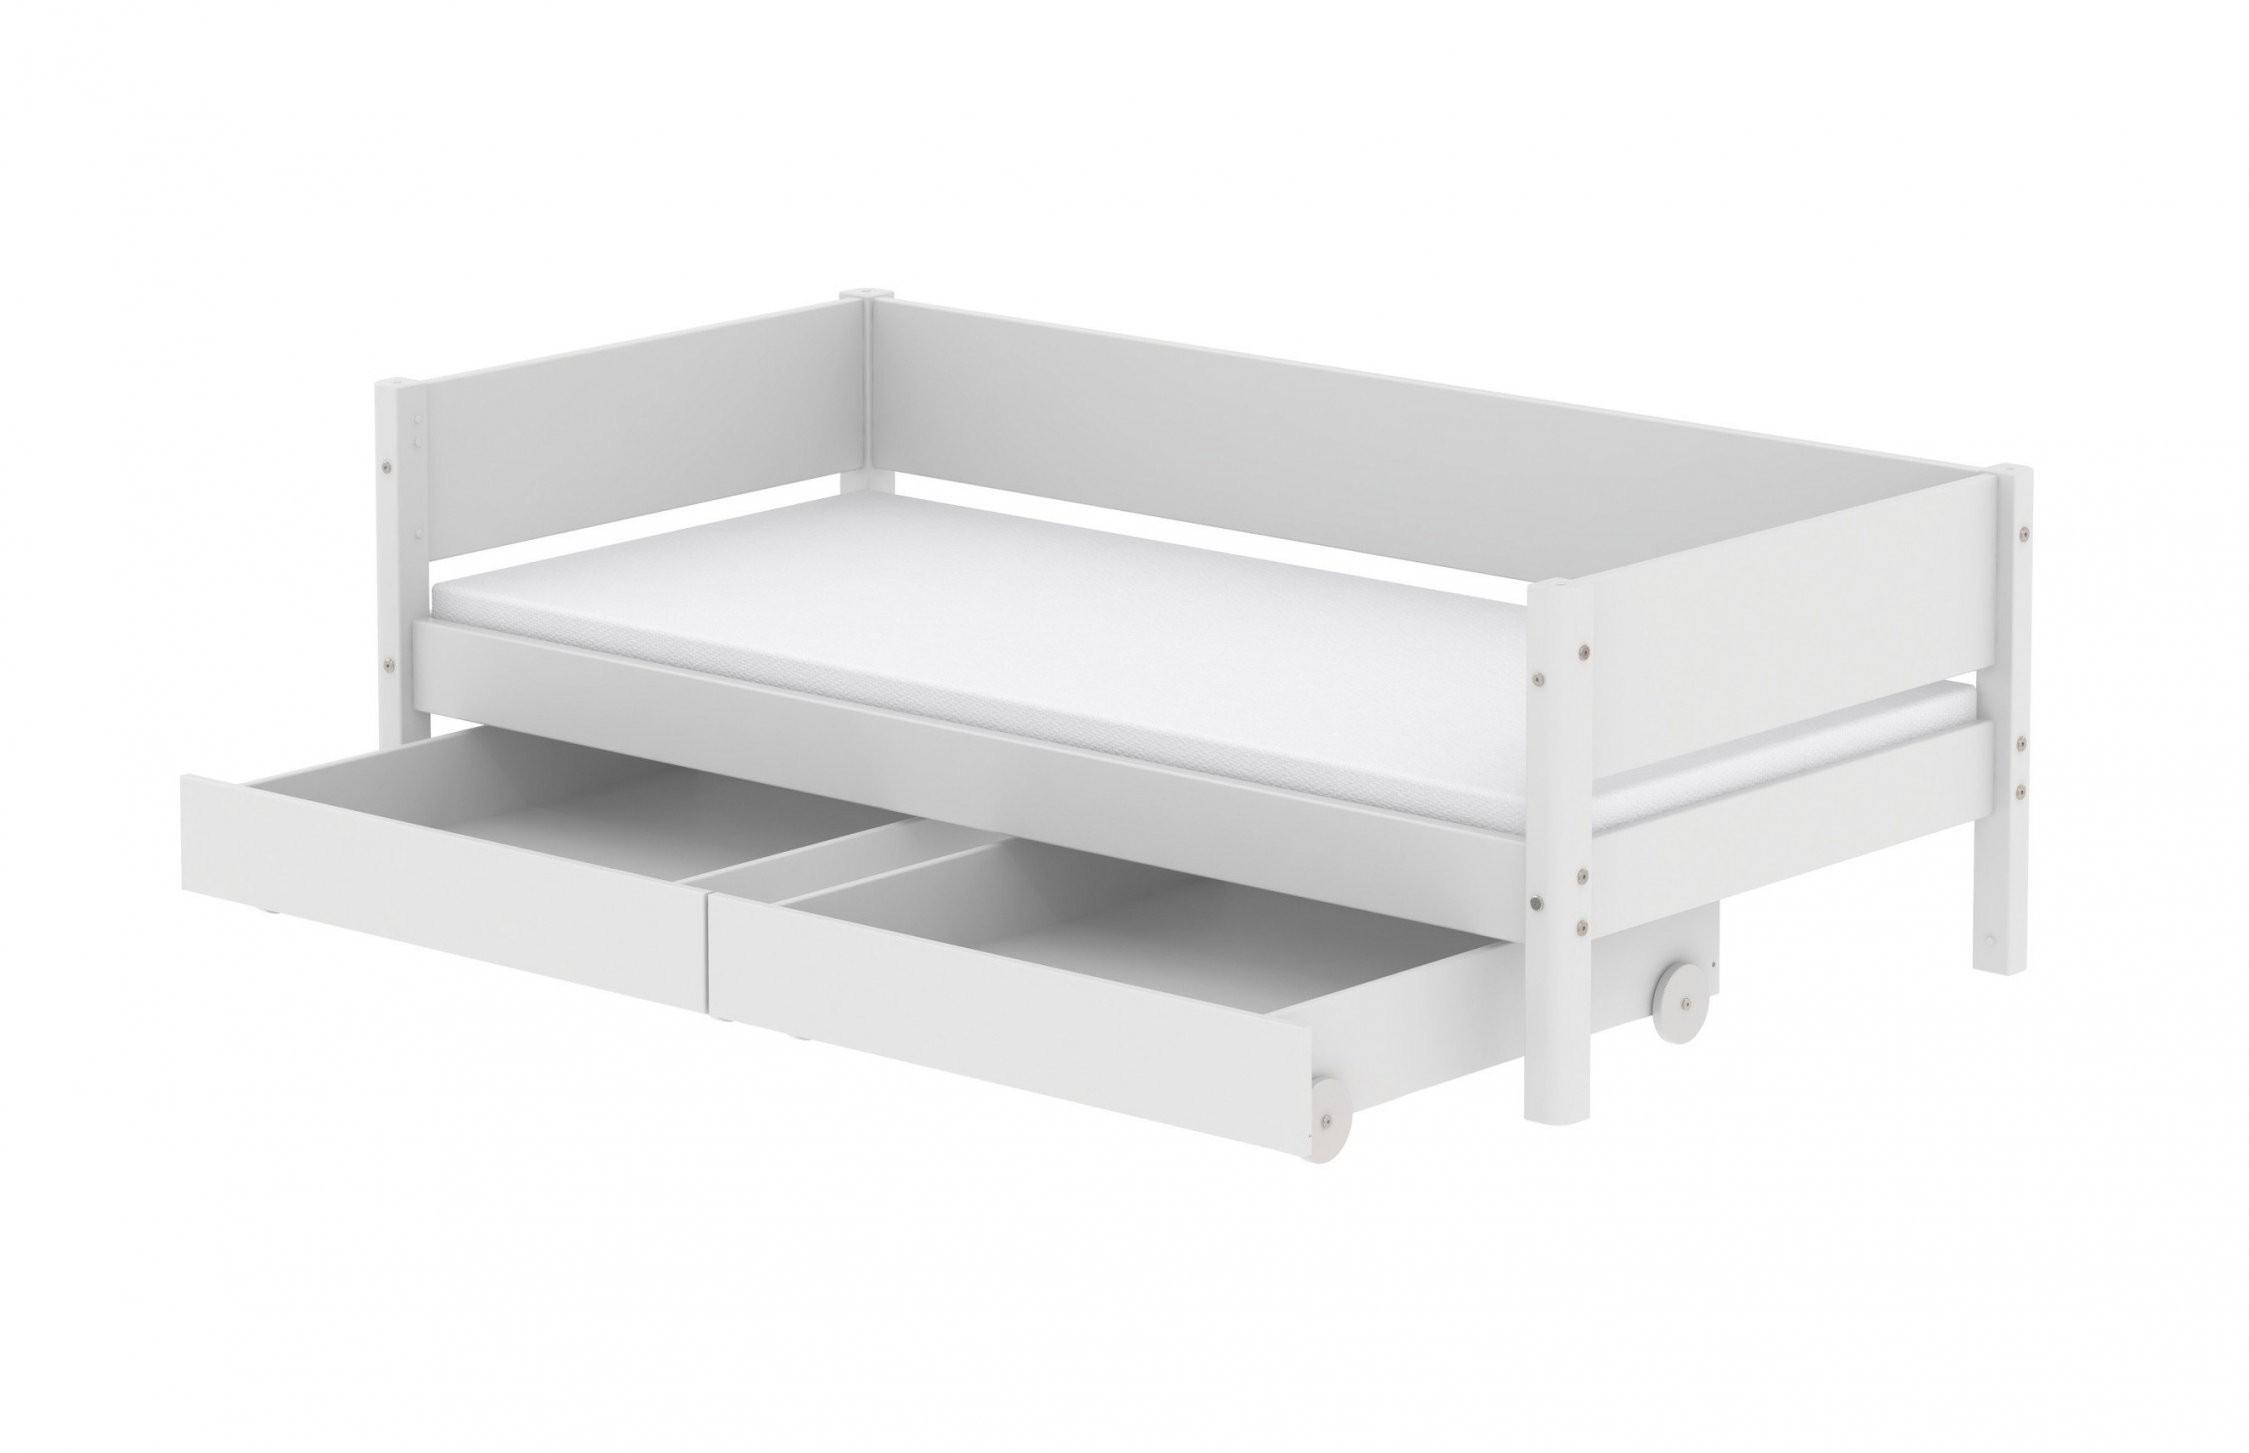 White Bett Mit Schubladen 90 X 200 Cm Von Flexa Weiß  Möbel Letz von Bett 90X200 Weiß Mit Schubladen Bild